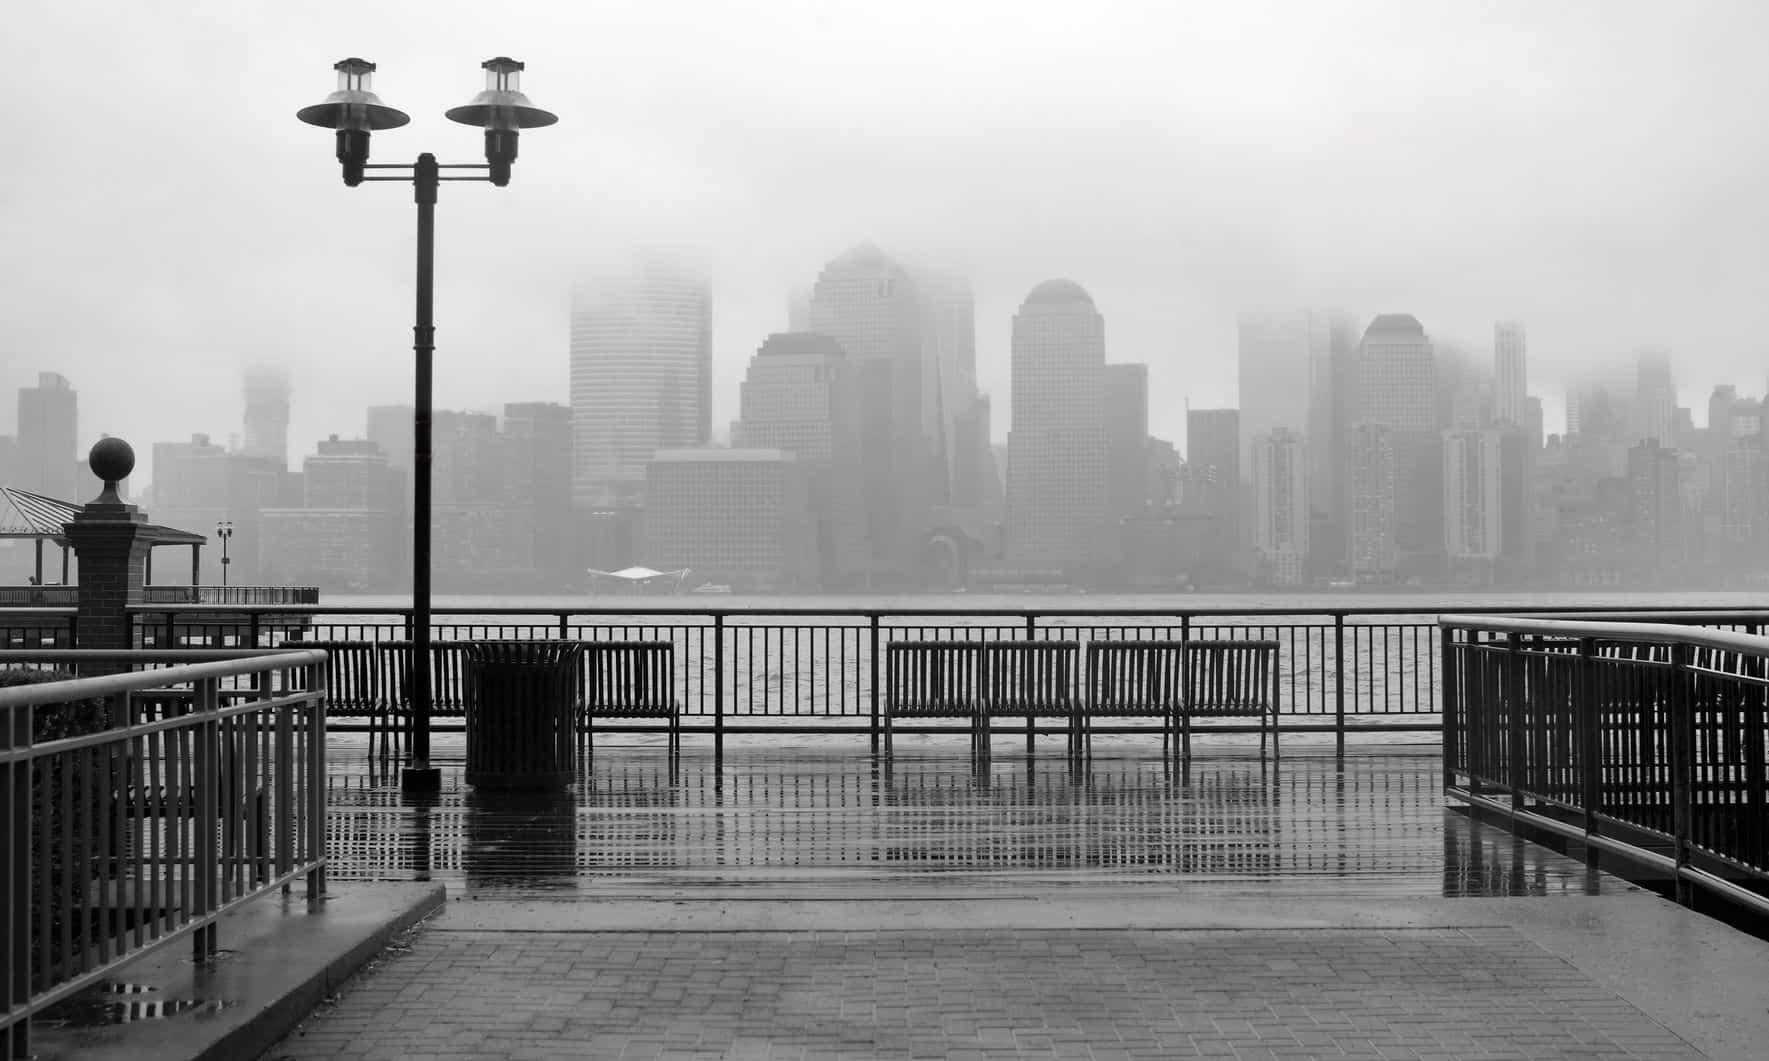 Foto in bianco e nero la mini guida per iniziare alla grande - Pagine a colori in bianco e nero ...